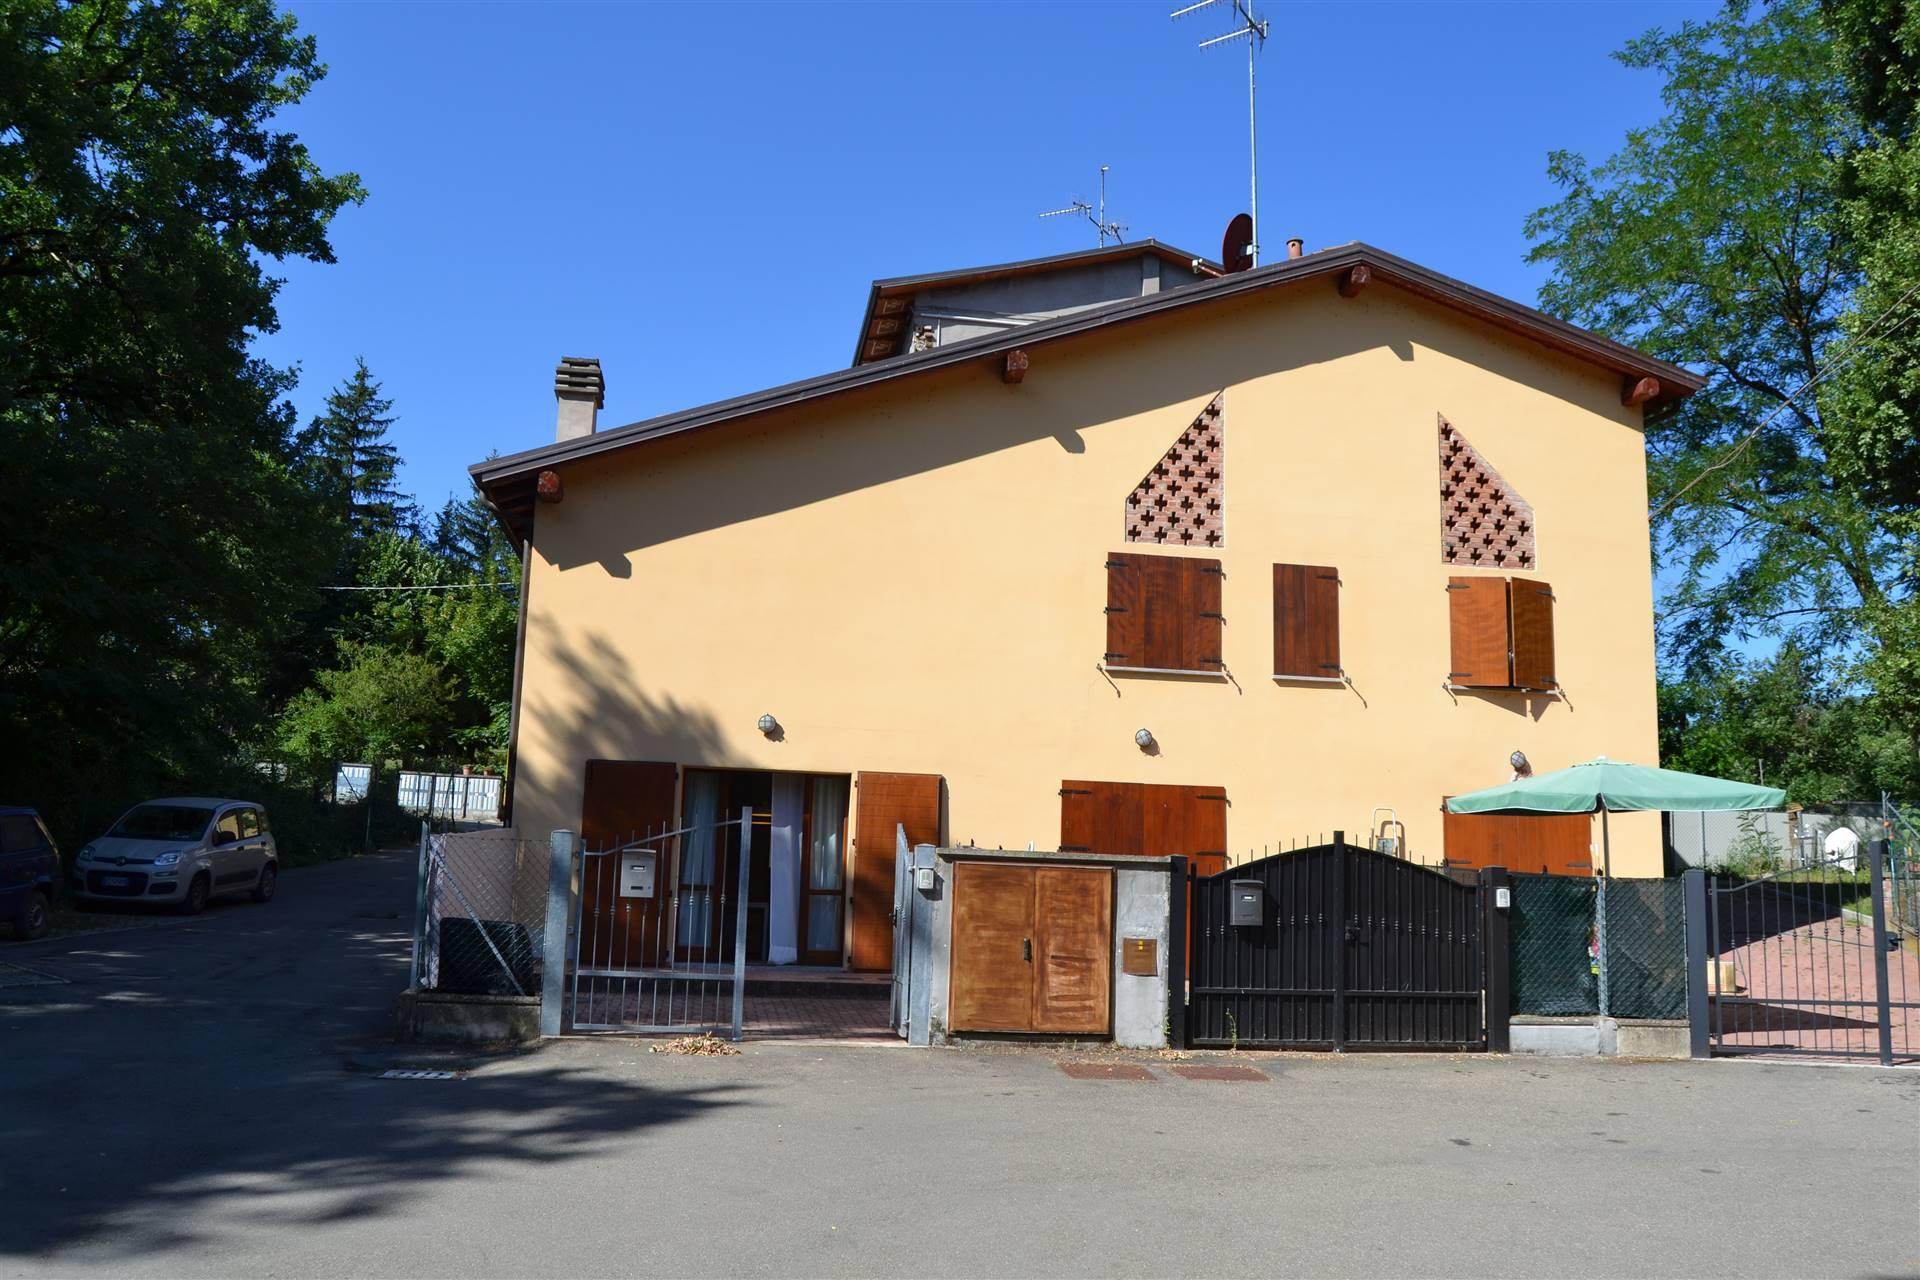 Appartamento in vendita a Monzuno, 3 locali, zona eggio, prezzo € 58.000 | PortaleAgenzieImmobiliari.it